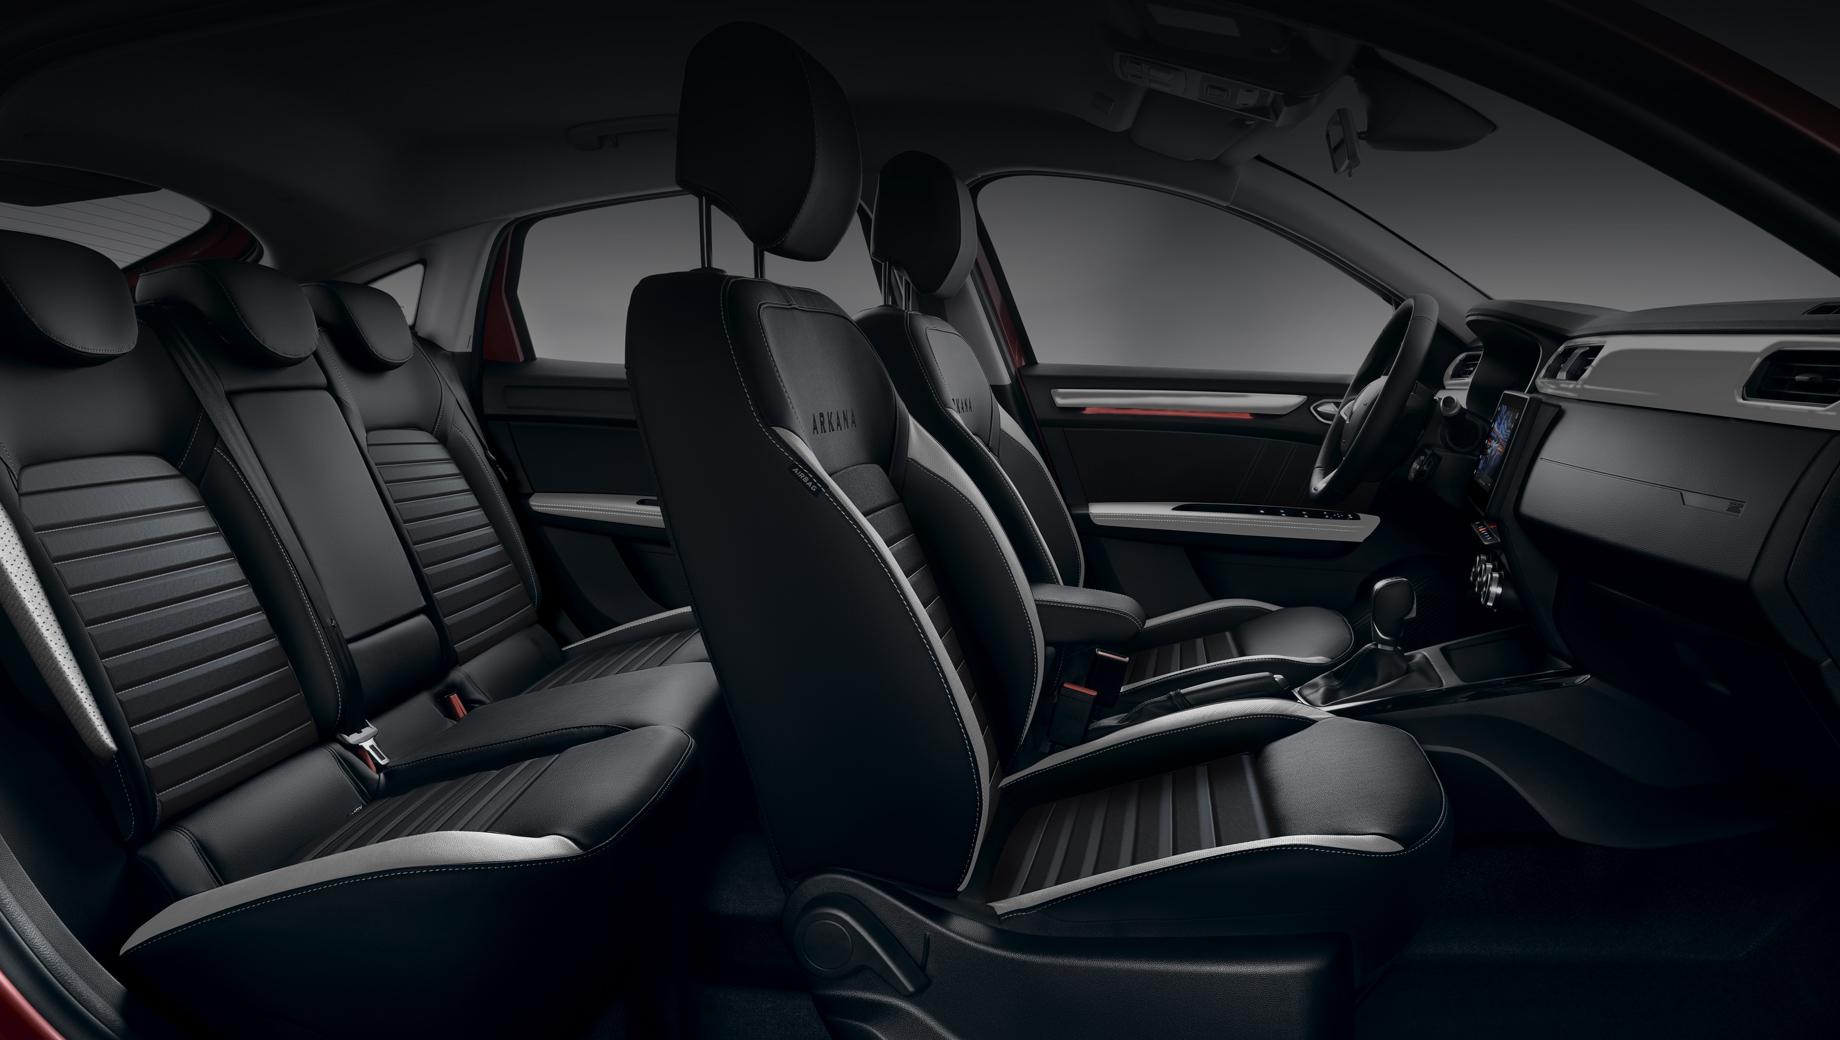 Renault arkana. Prime изначально хорошо оснащён. Среди прочего, тут есть электрохромное зеркало заднего вида с автоматическим затемнением, наружные зеркала с электроприводом, обогревом и автоматическим складыванием, подогрев задних сидений, шторки безопасности.